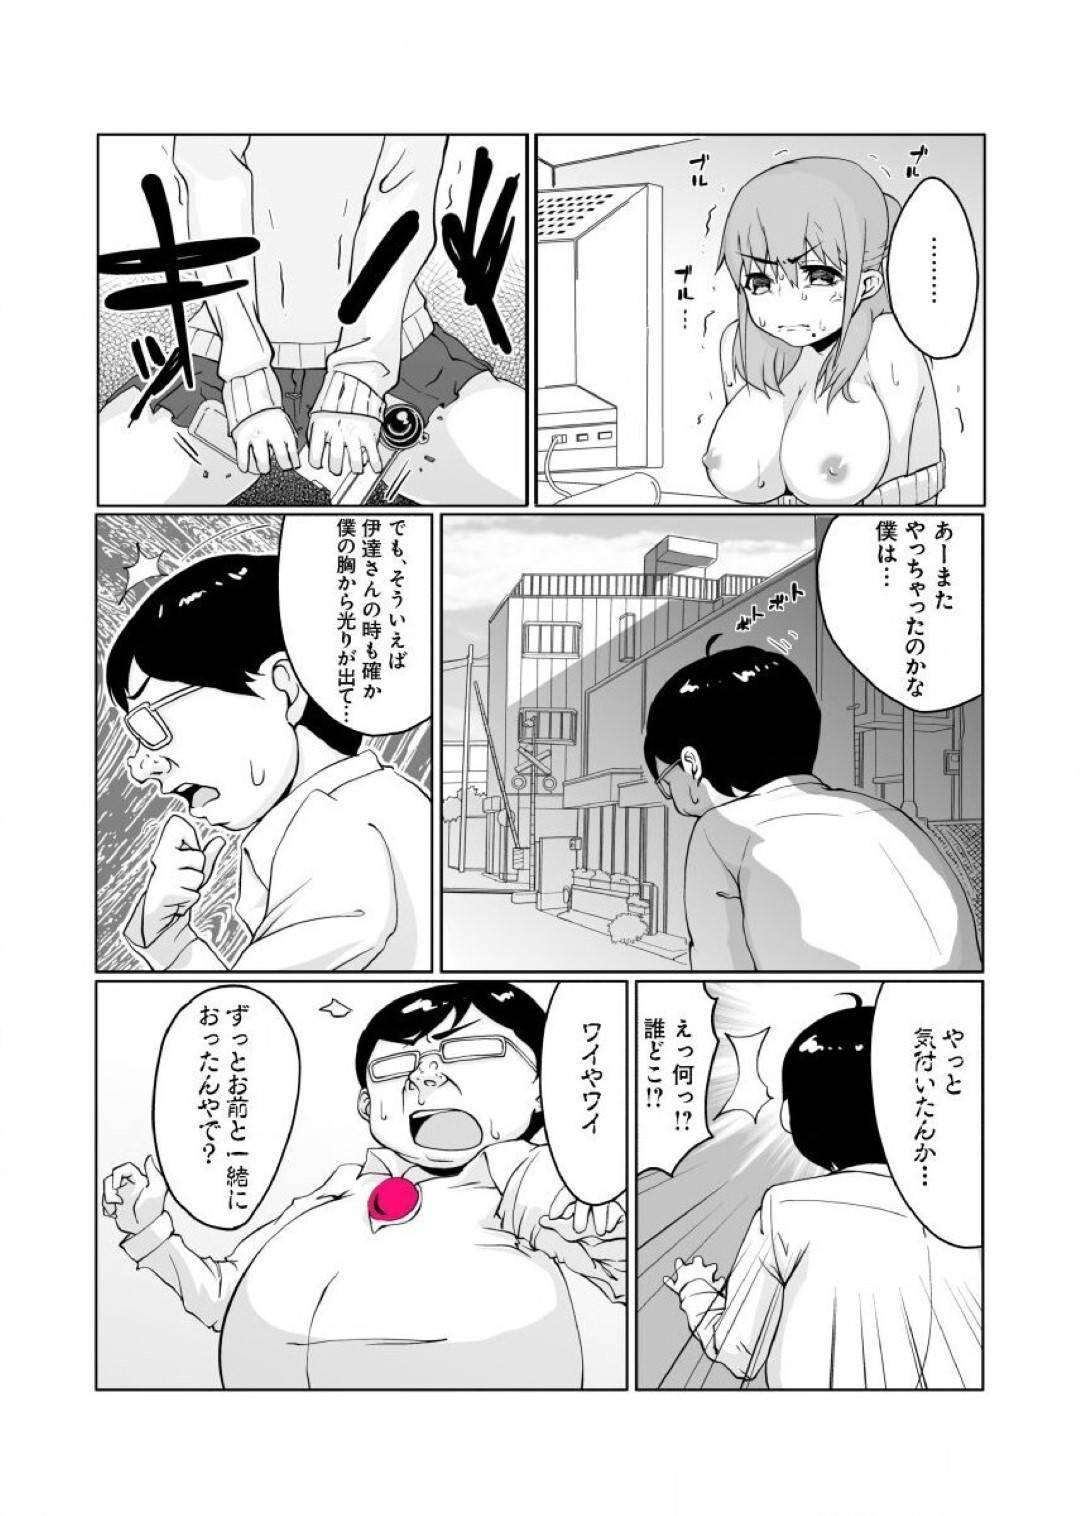 【洗脳エロ漫画】講師の斎藤は石川を家に連れ込み石川の胸に付いてるカラータイマーを見てしまい石川を好きなアイドルと洗脳され種付けセックスでイキまくる【海納凛】